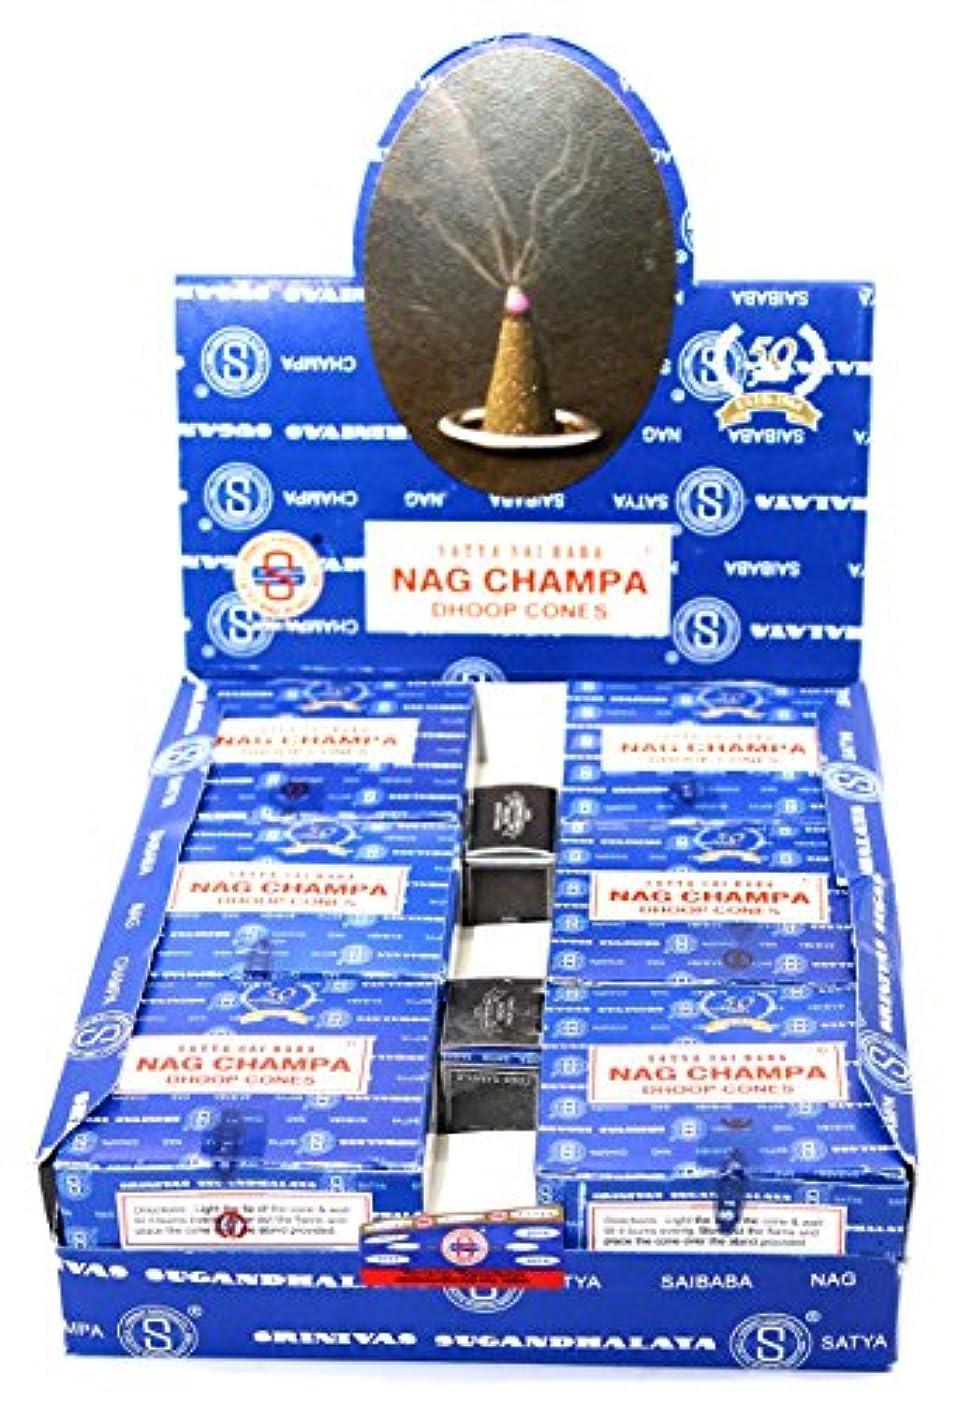 ベリー属性小説家Shrinivas Sugandhalaya Satya Sai Baba Nag Champa Incense Dhoop Cones, 144 Cones by Shrinivas Sugandhalaya